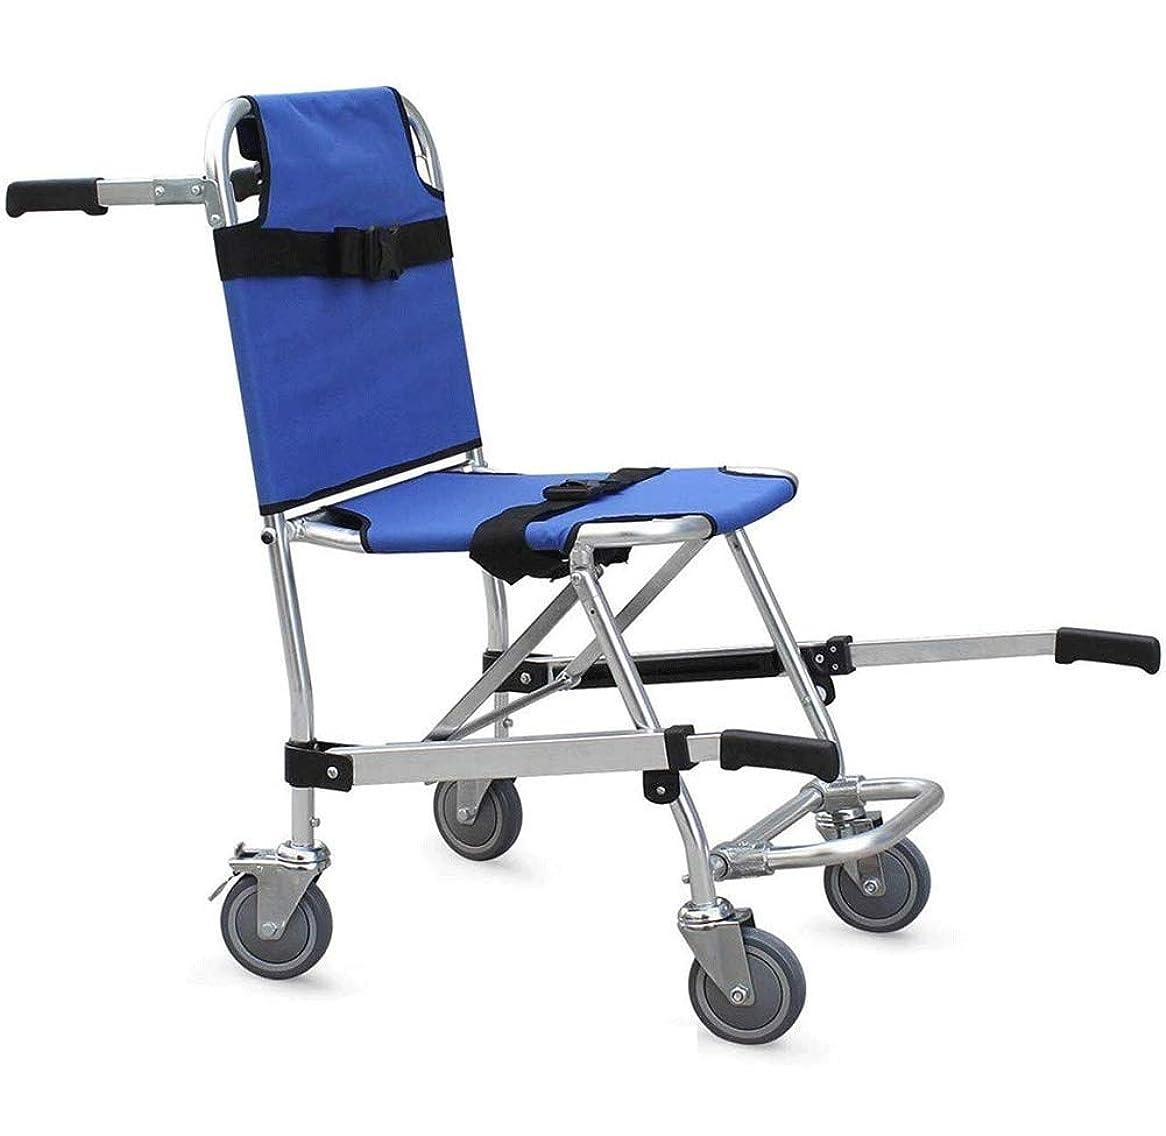 聡明持つバンカー救急車消防士避難用のEMS階段椅子緊急4ホイール救急消防避難医療交通委員長、350ポンド容量